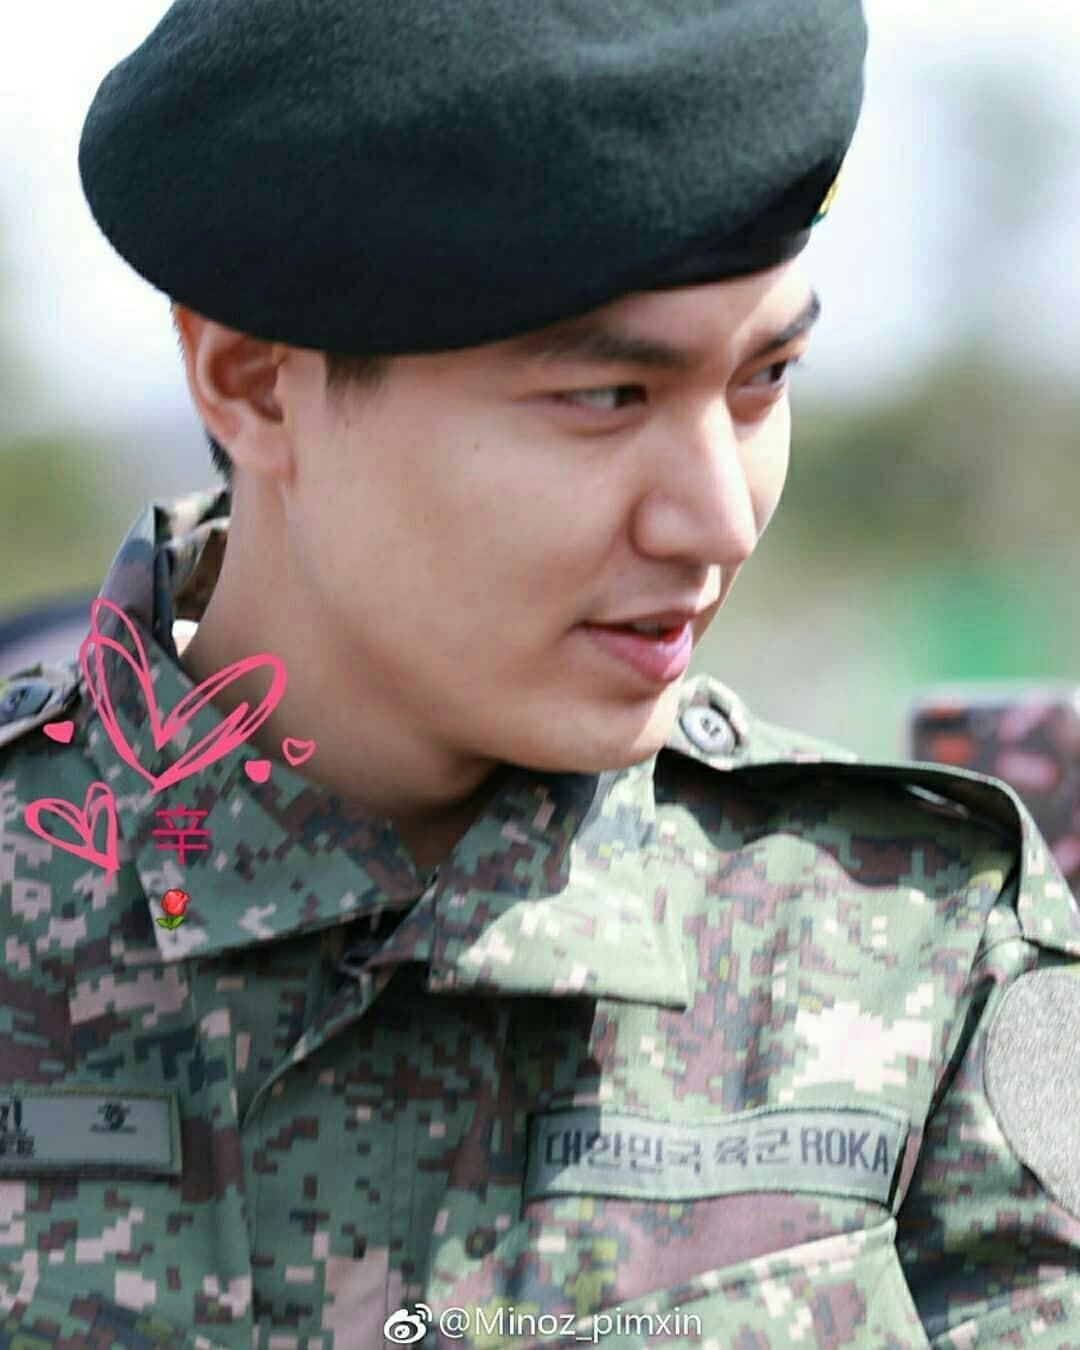 Tài tử Lee Min Ho béo phù cả mặt, nhưng vẫn điển trai với nhan sắc mộc 100\% trong quân ngũ 7